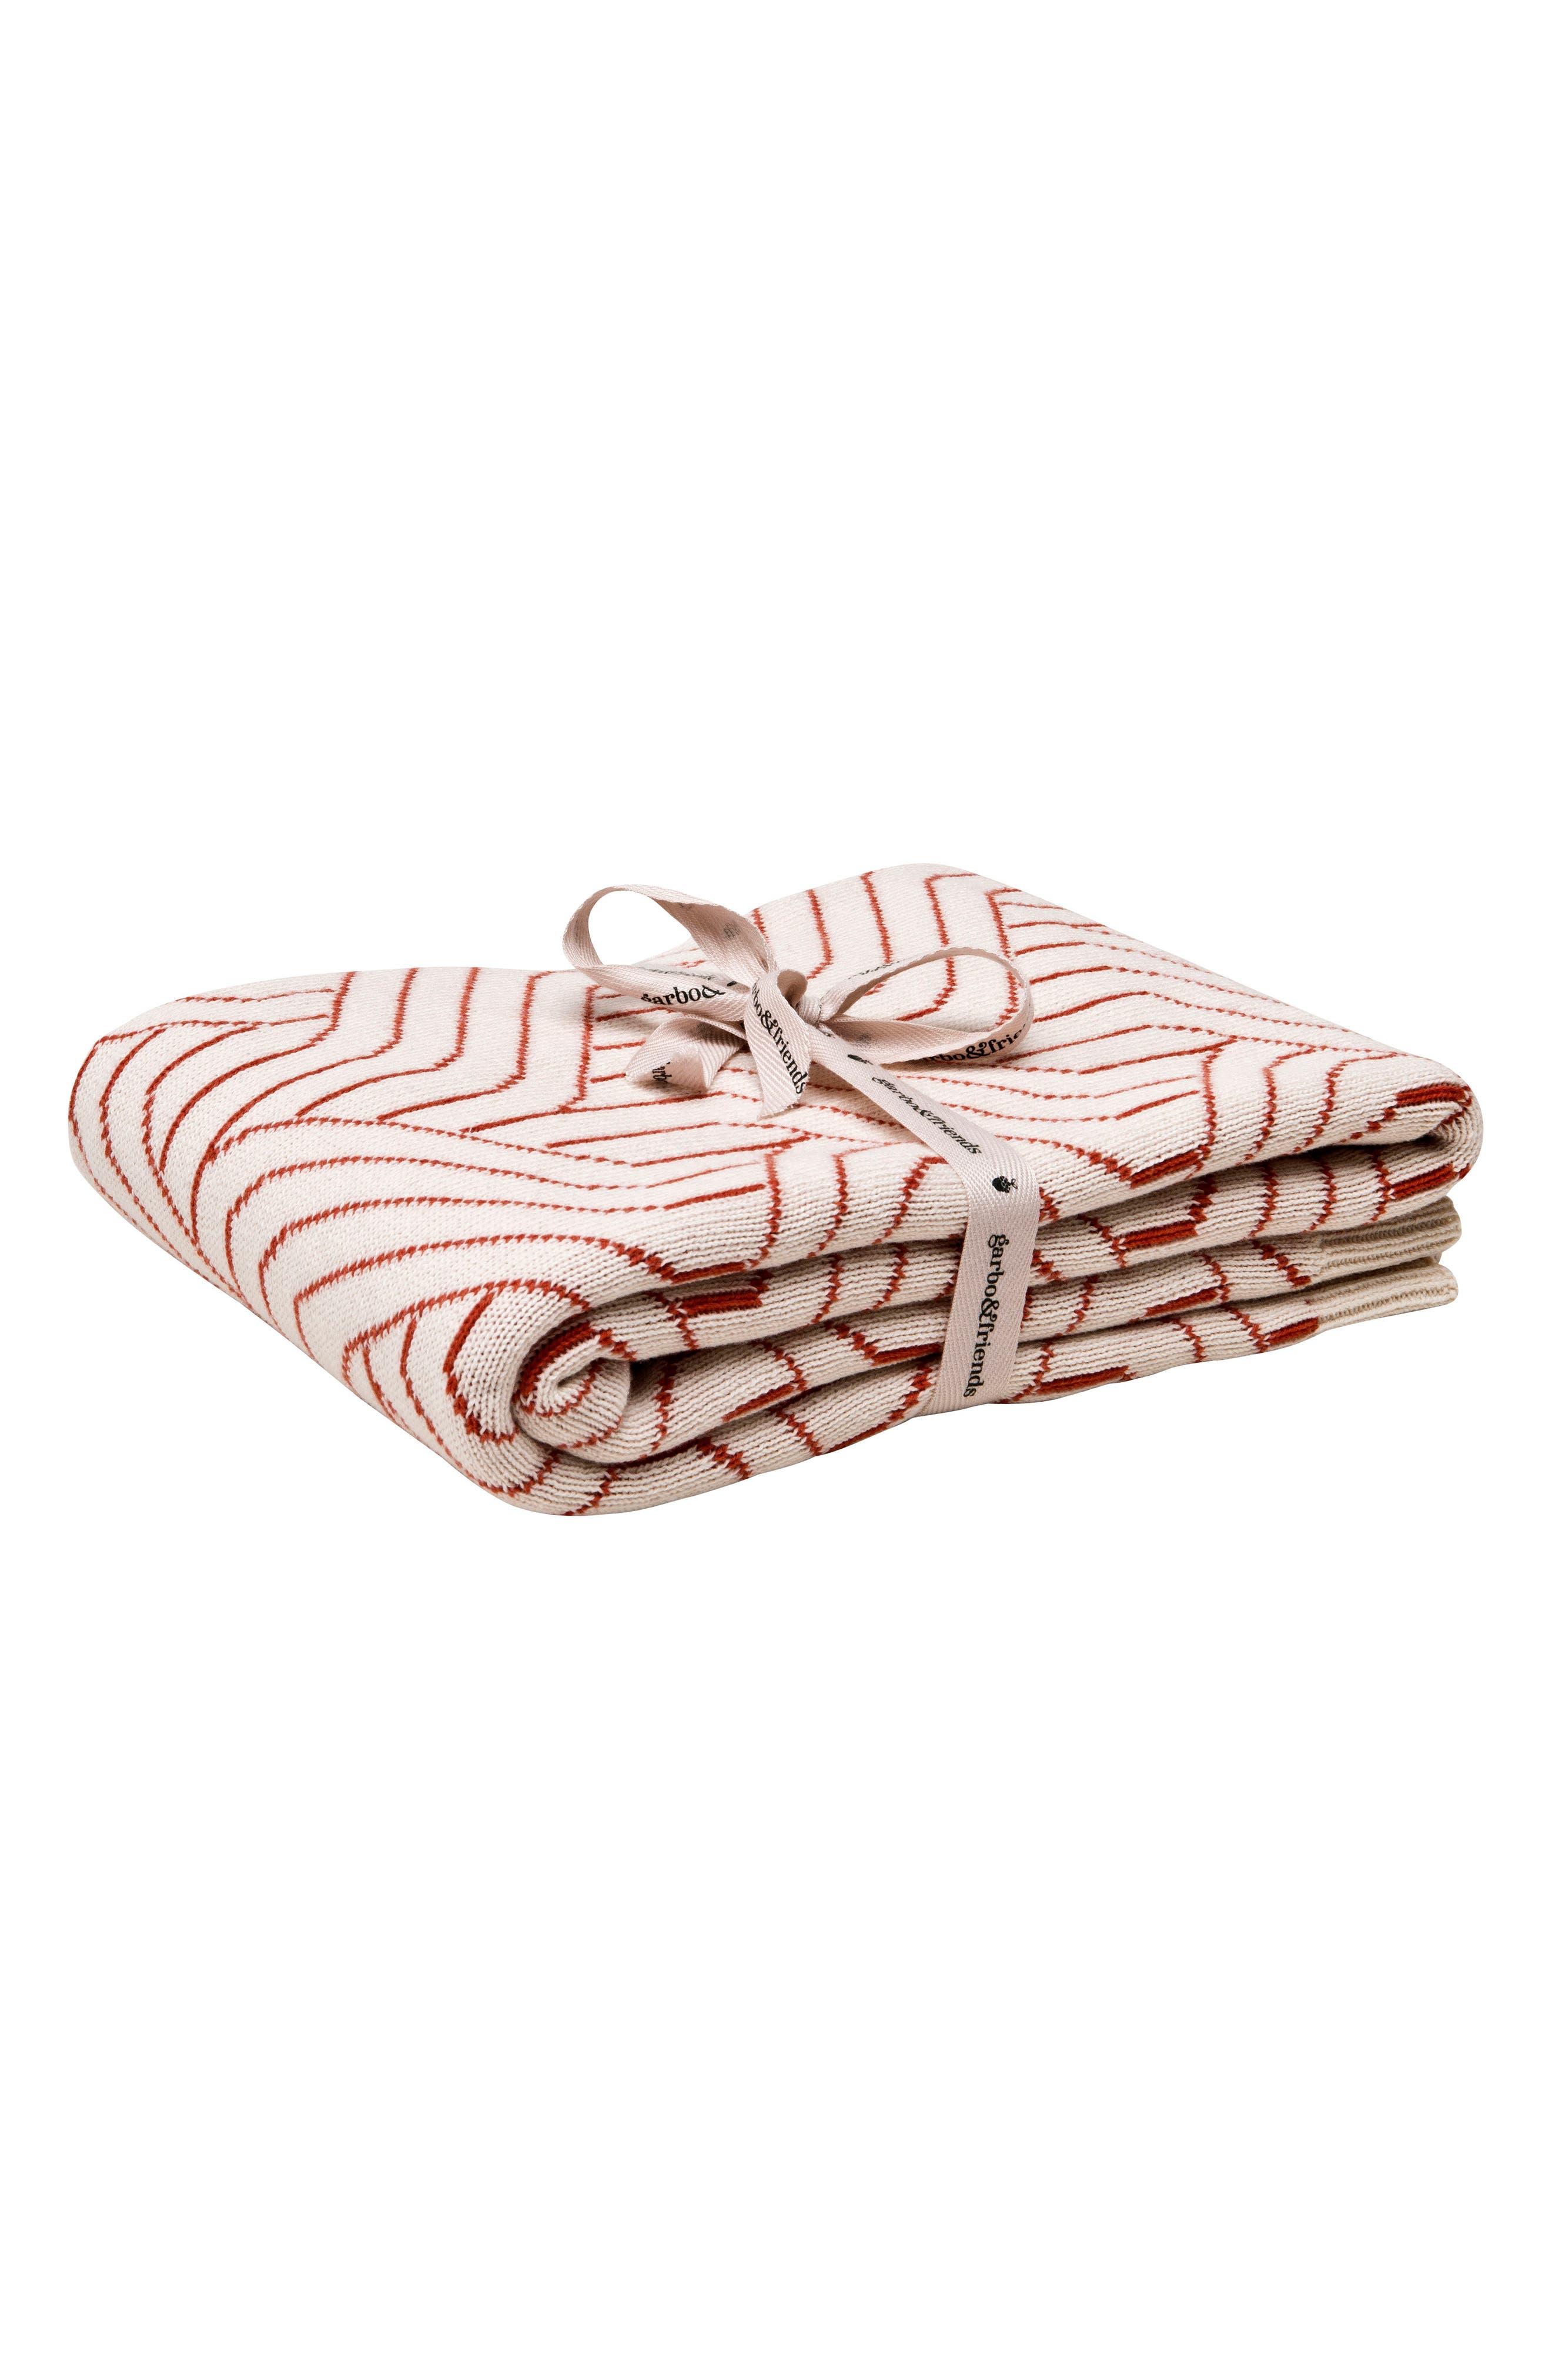 Strada Blanket,                         Main,                         color, Rust